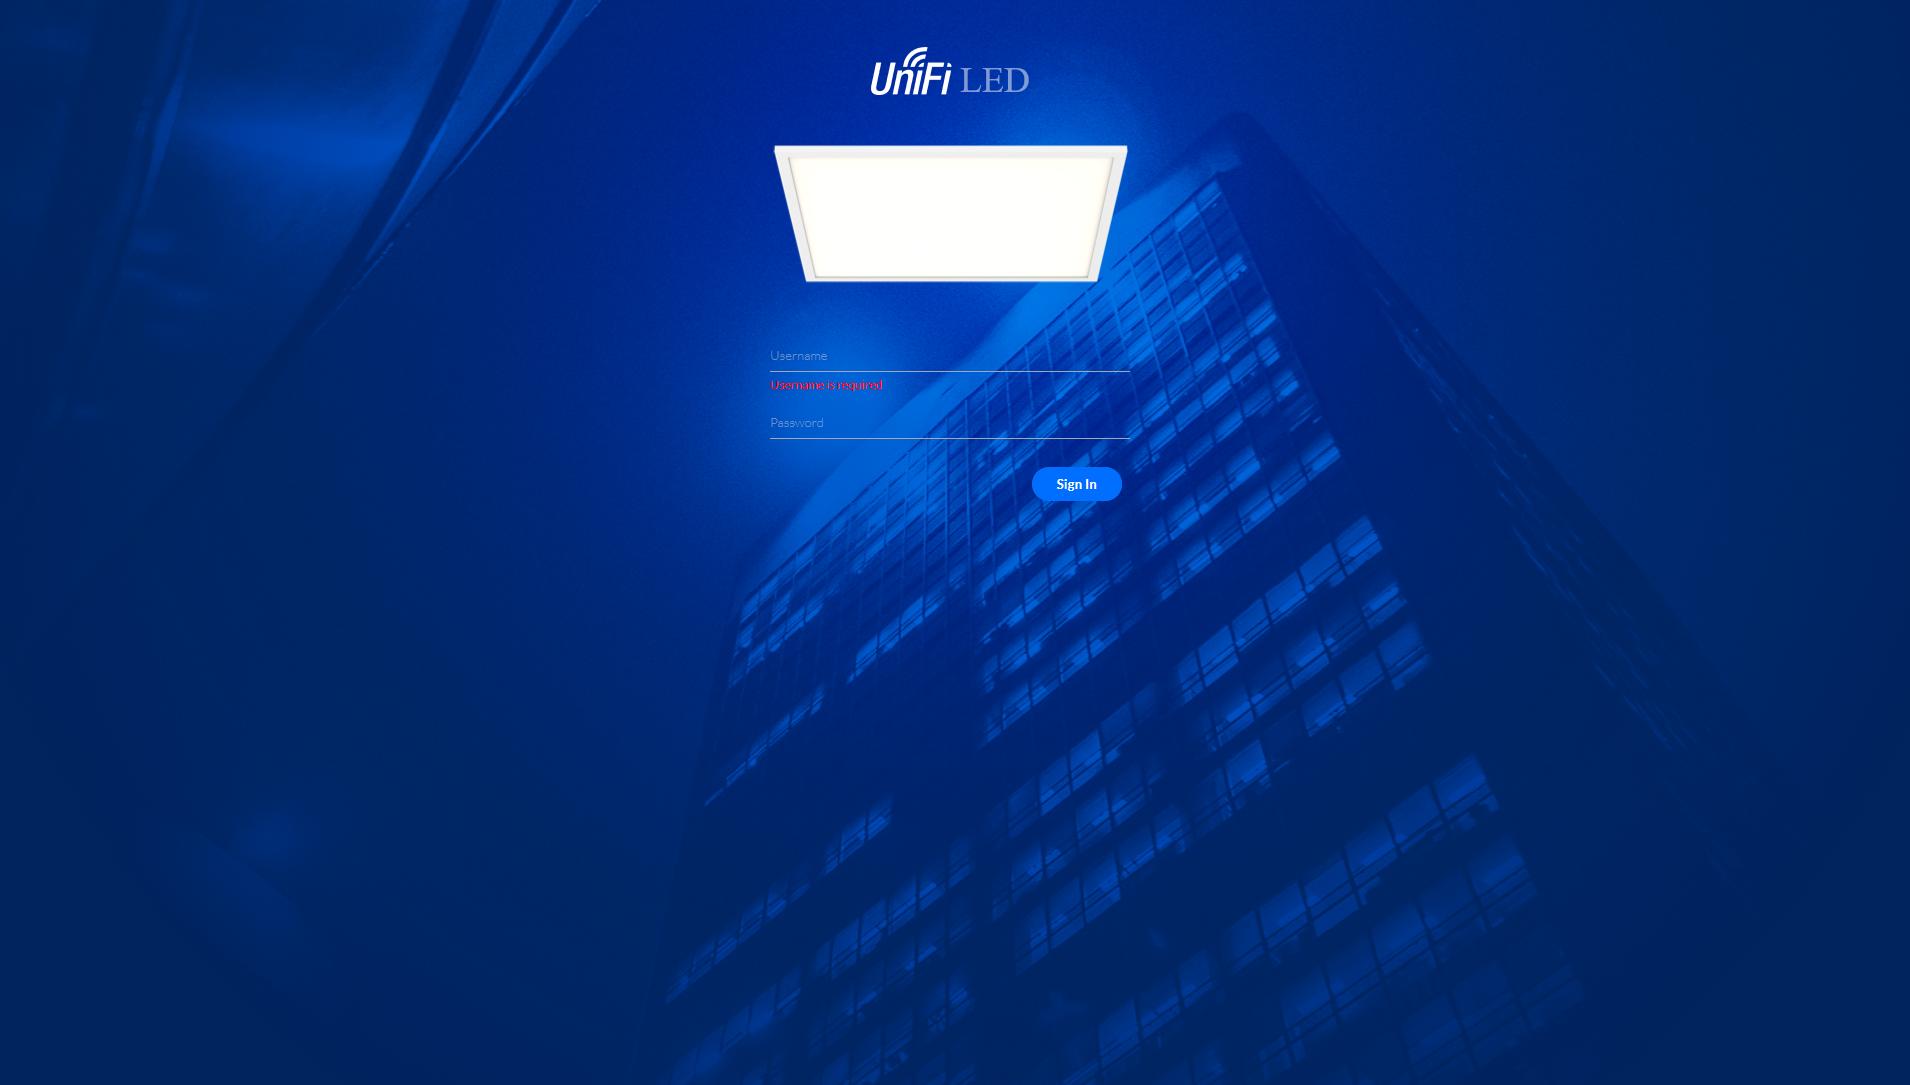 Unifi As Backbone for 100% Automated Smarthome | Ubiquiti